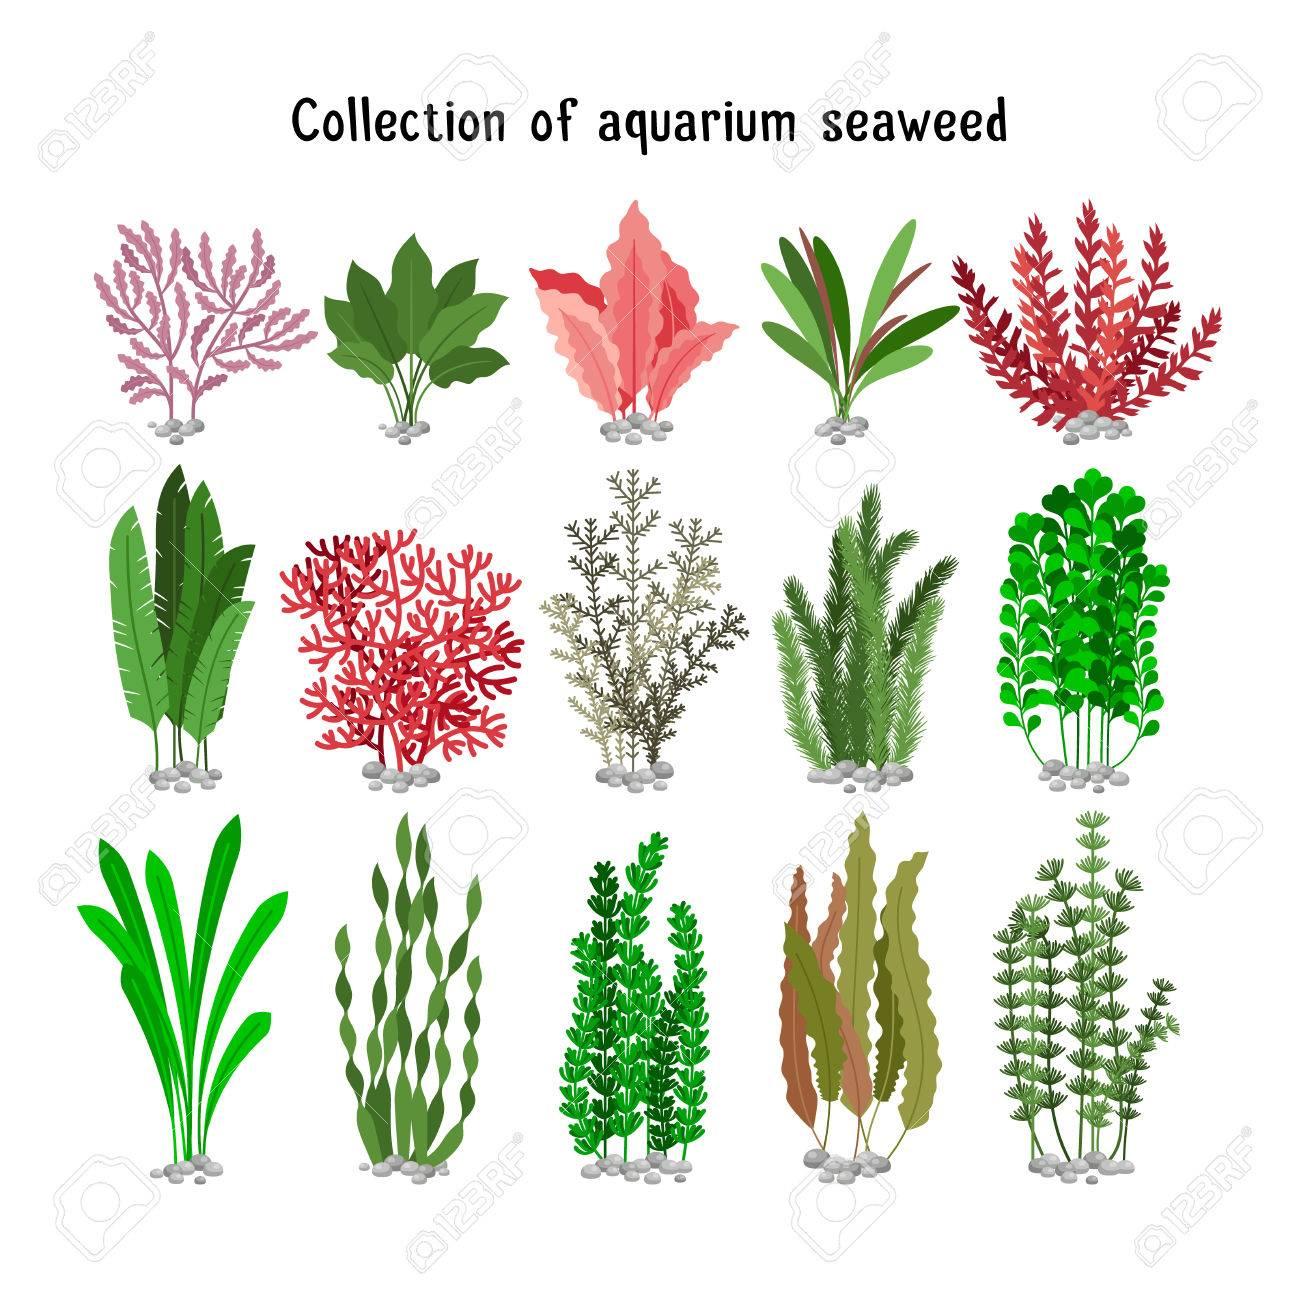 algue rouge banque d'images vecteurs et illustrations libres de  - algue rouge seaweed mis illustration vectorielle la biodiversité desalgues d'aquarium jaune